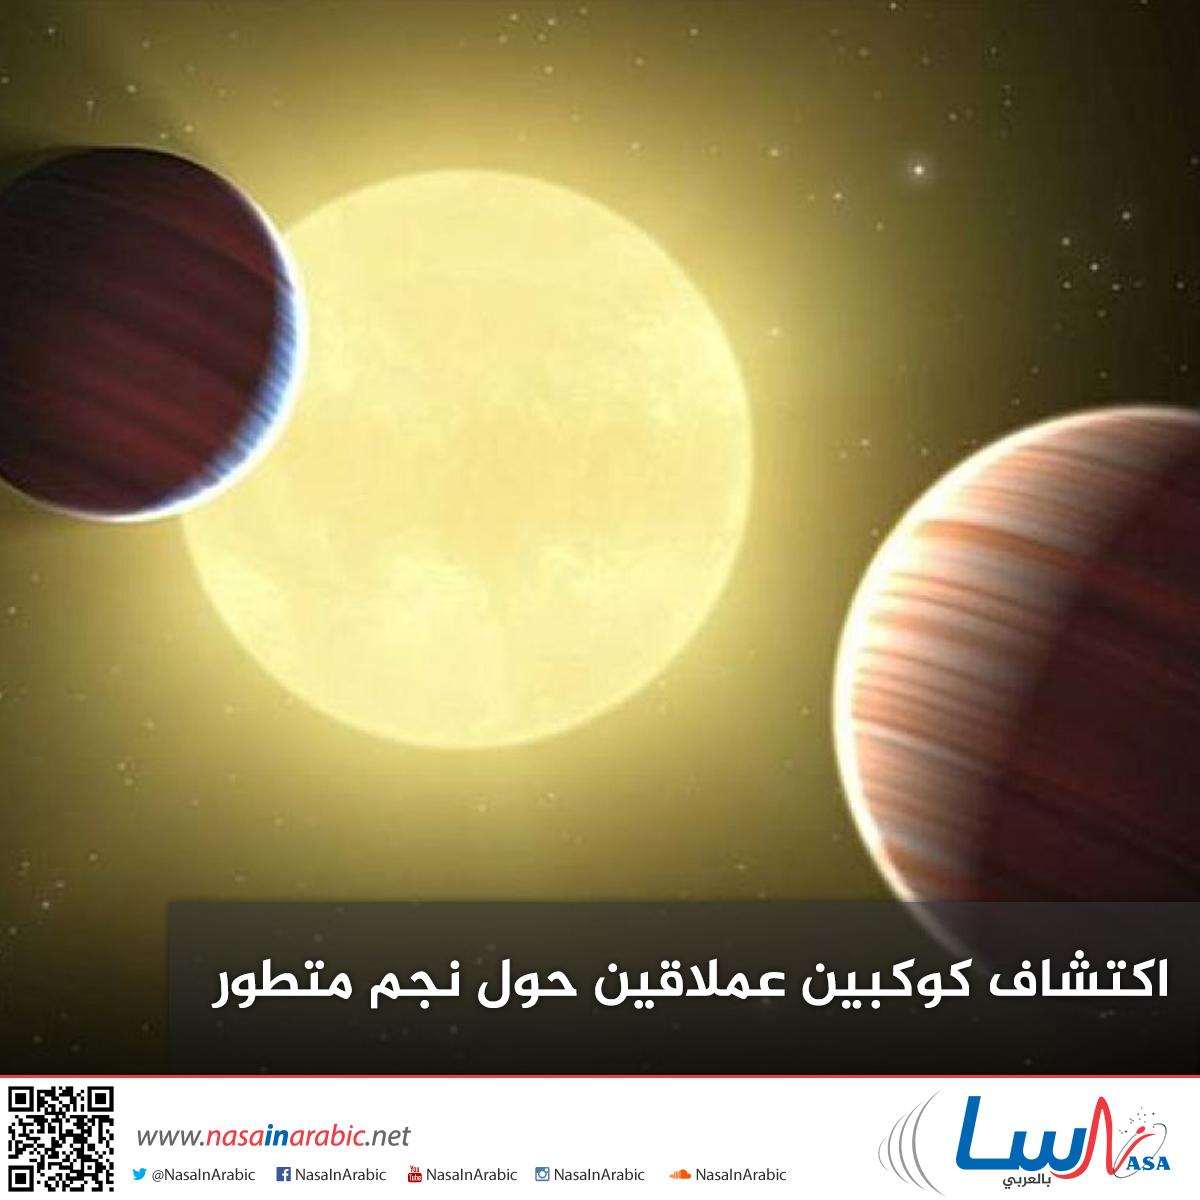 اكتشاف كوكبين عملاقين حول نجم متطور